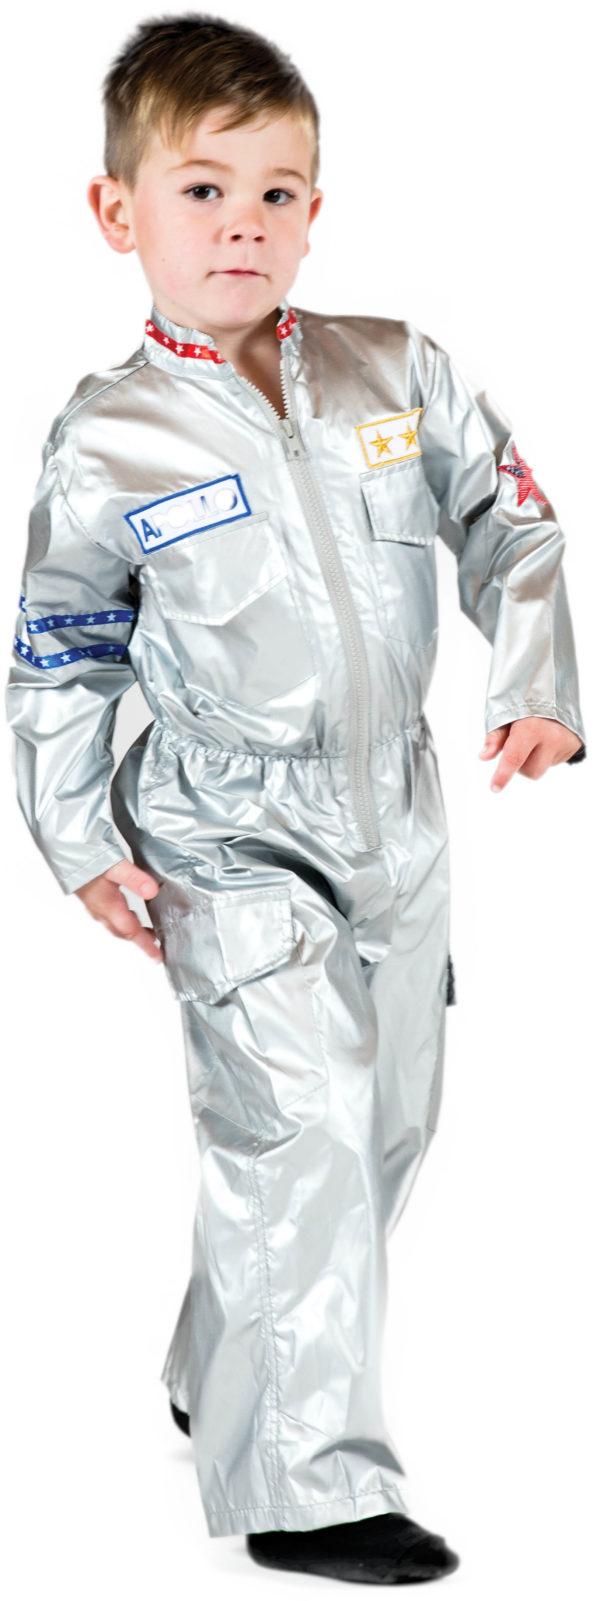 Astronaut Dress-Up-0